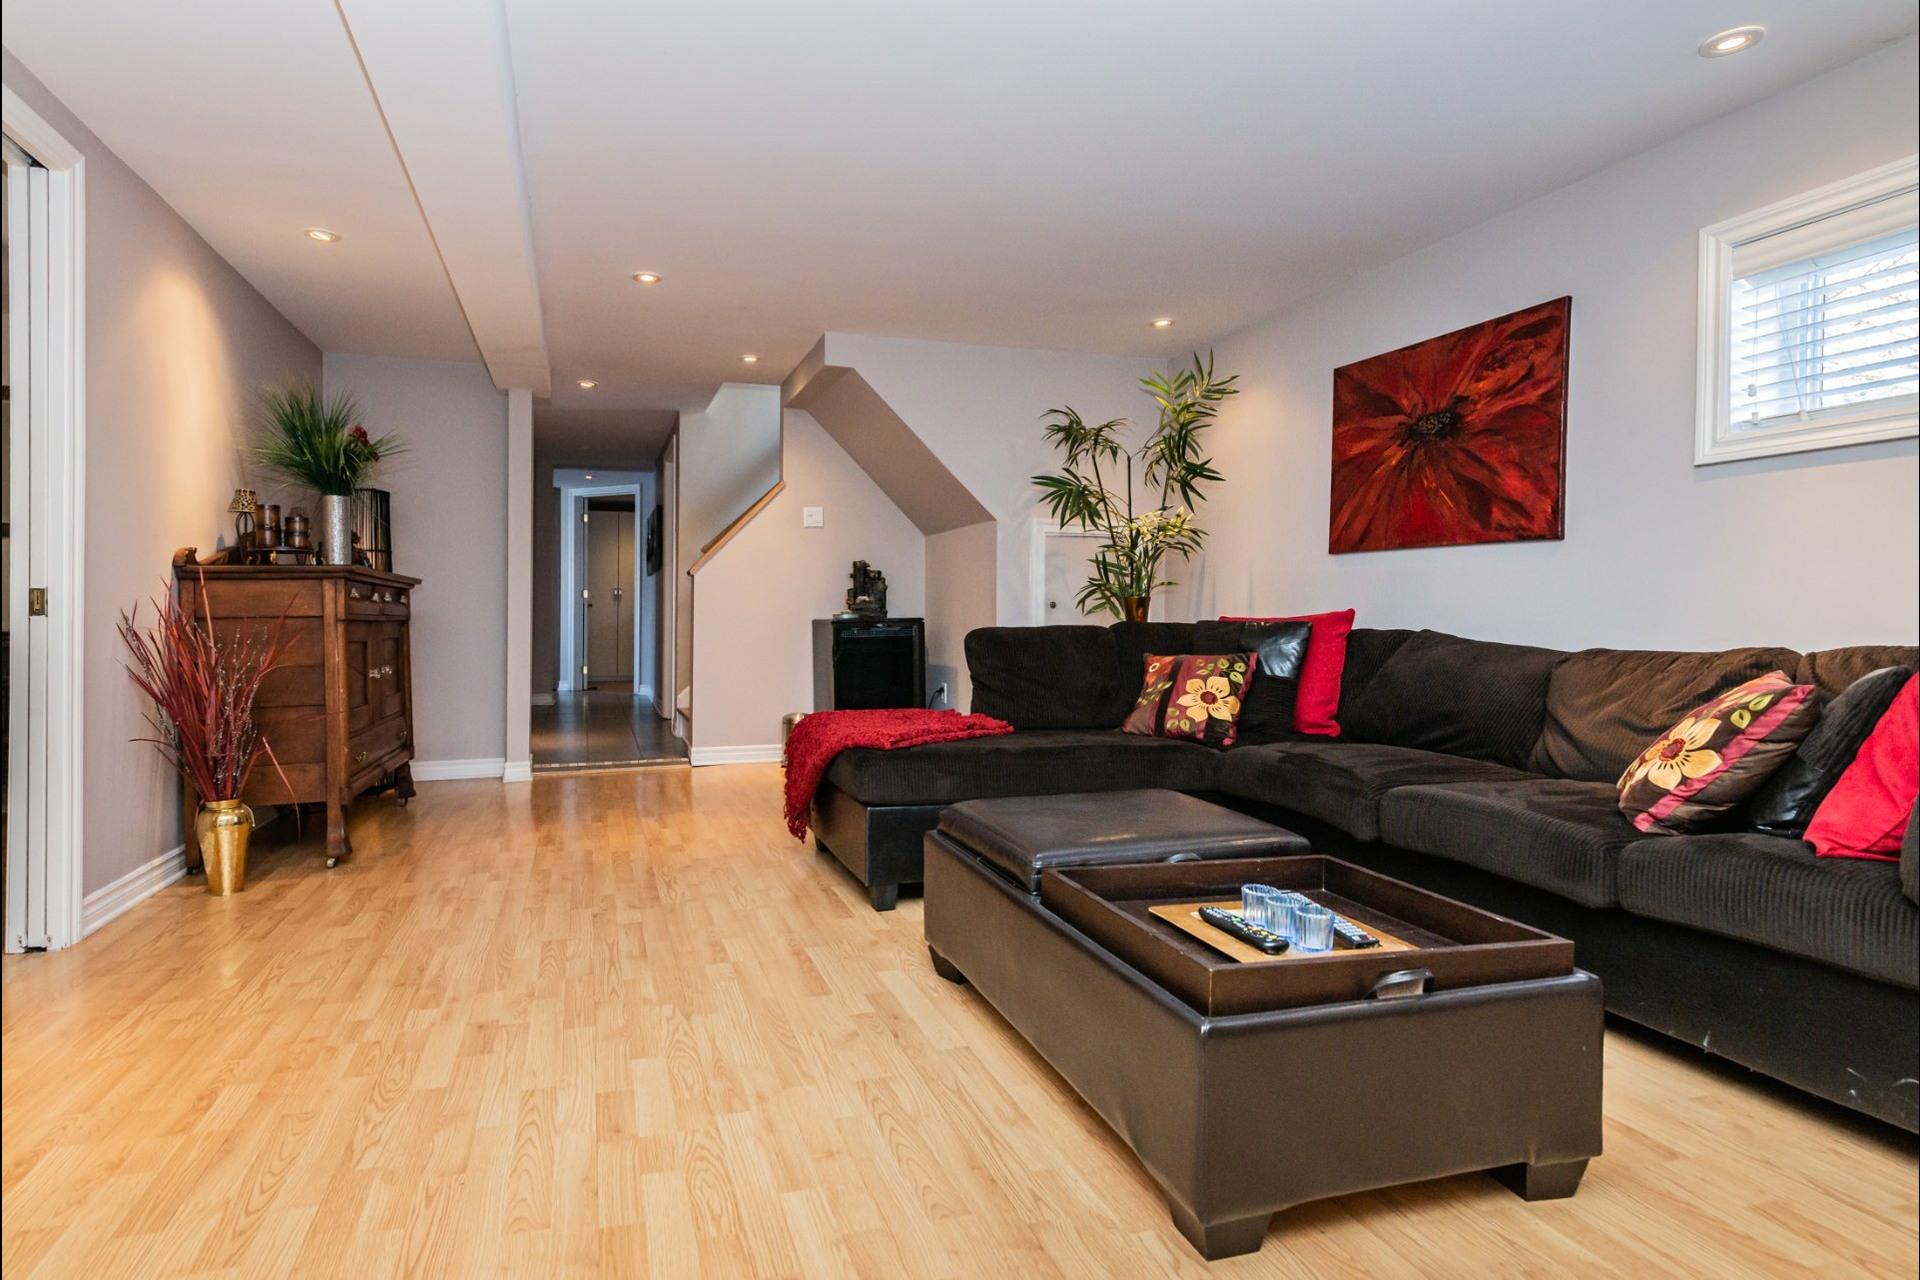 image 14 - House For sale L'Île-Bizard/Sainte-Geneviève Montréal  - 12 rooms